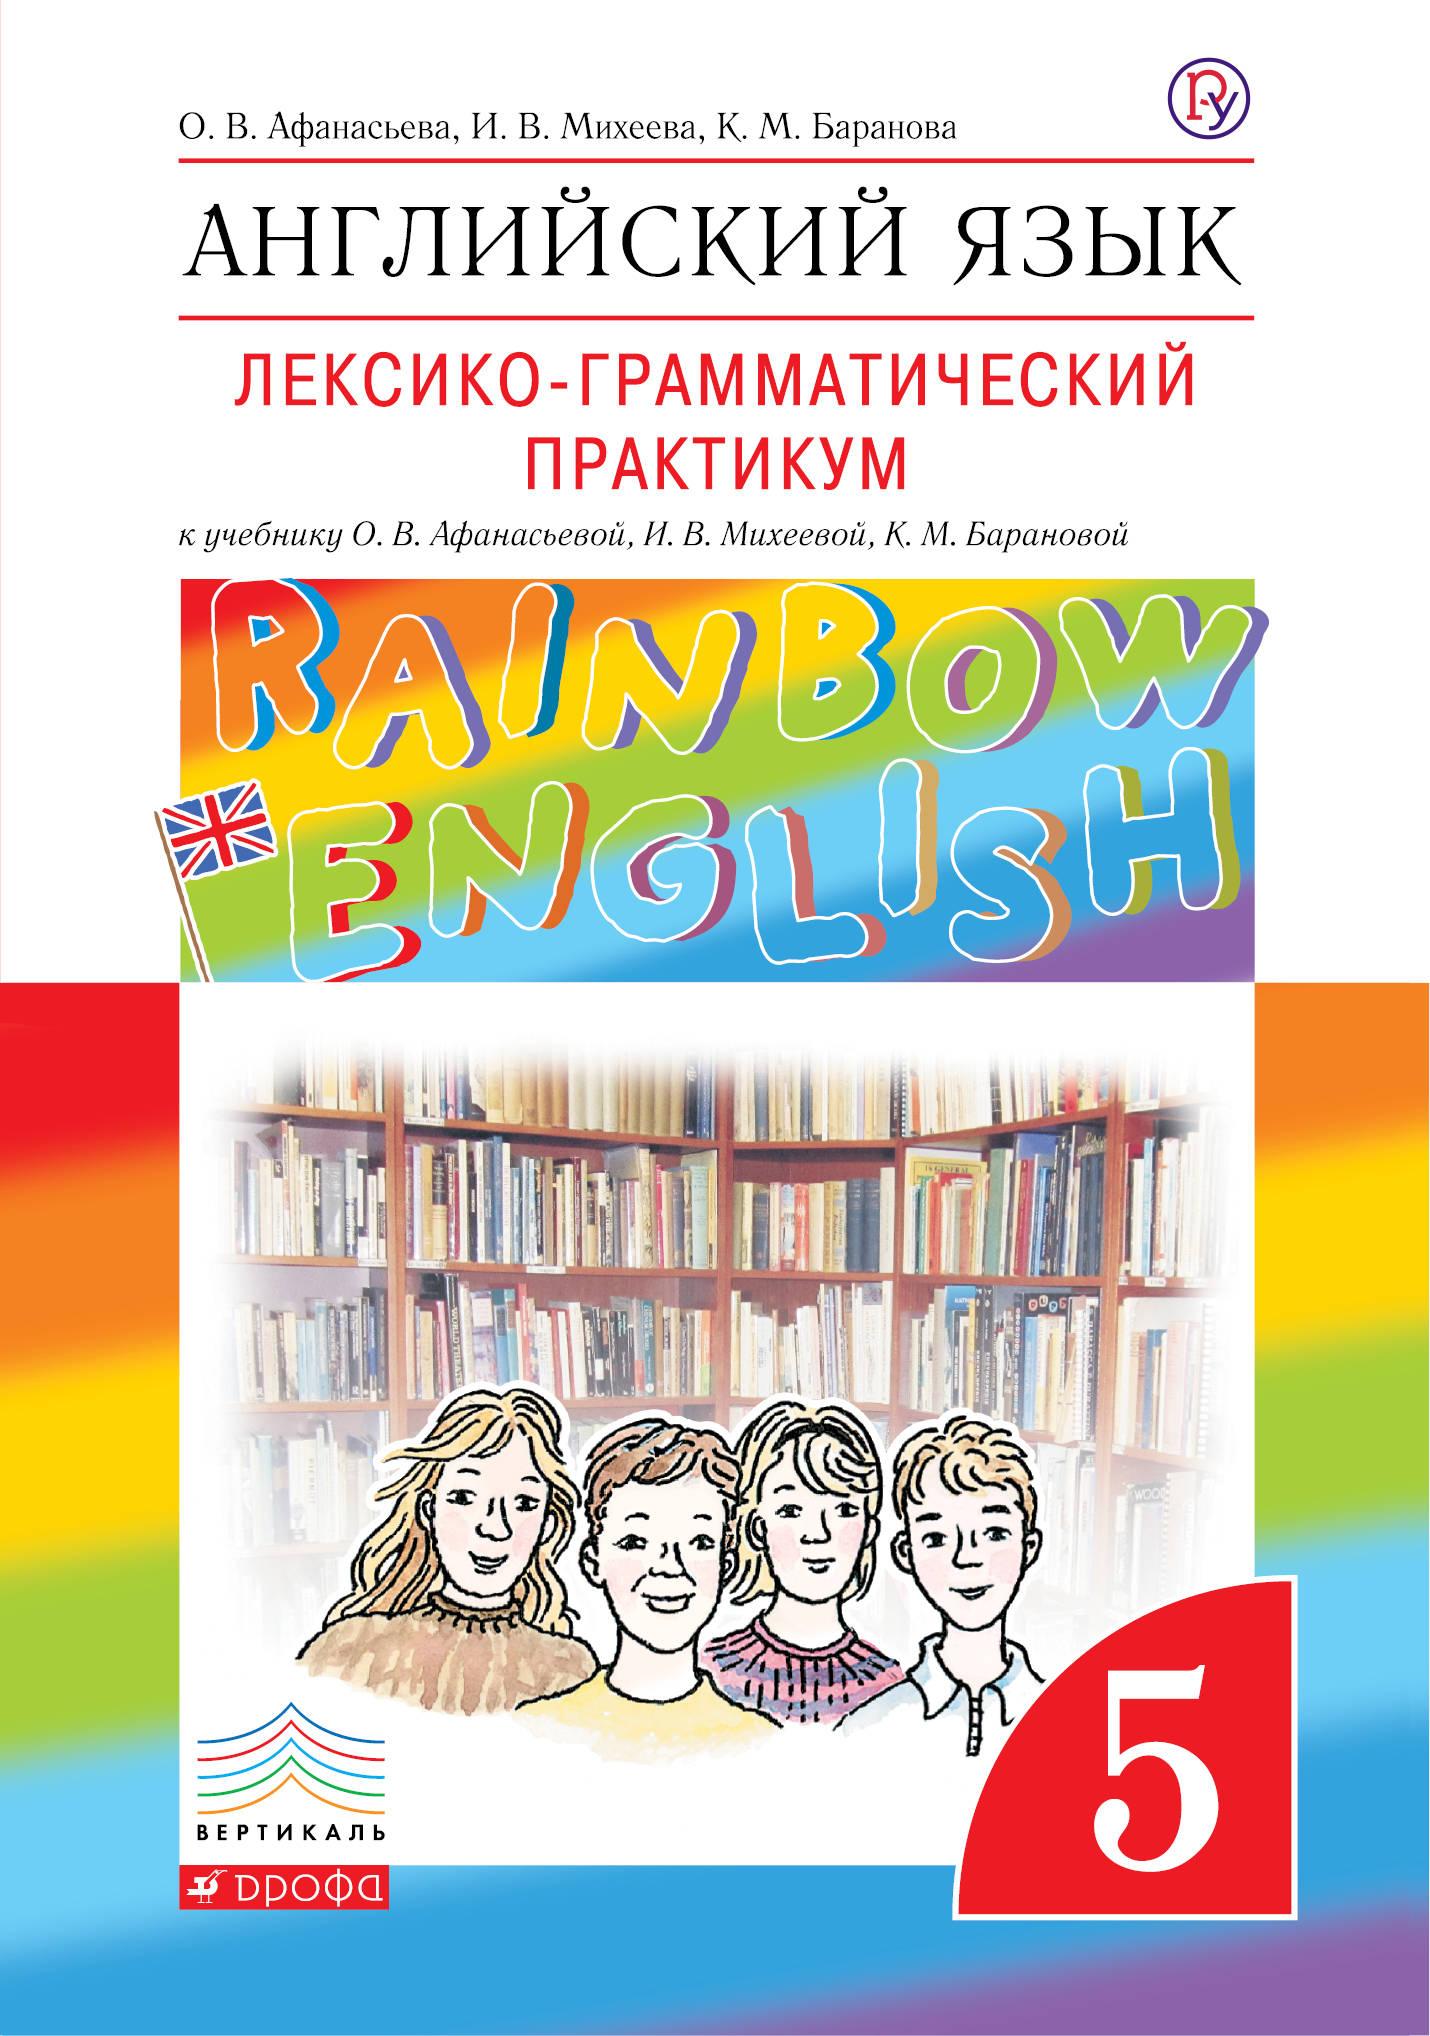 Английский язык. 5 класс. Лексико-грамматический практикум ( Афанасьева О.В., Михеева И.В., Баранова К.М.  )